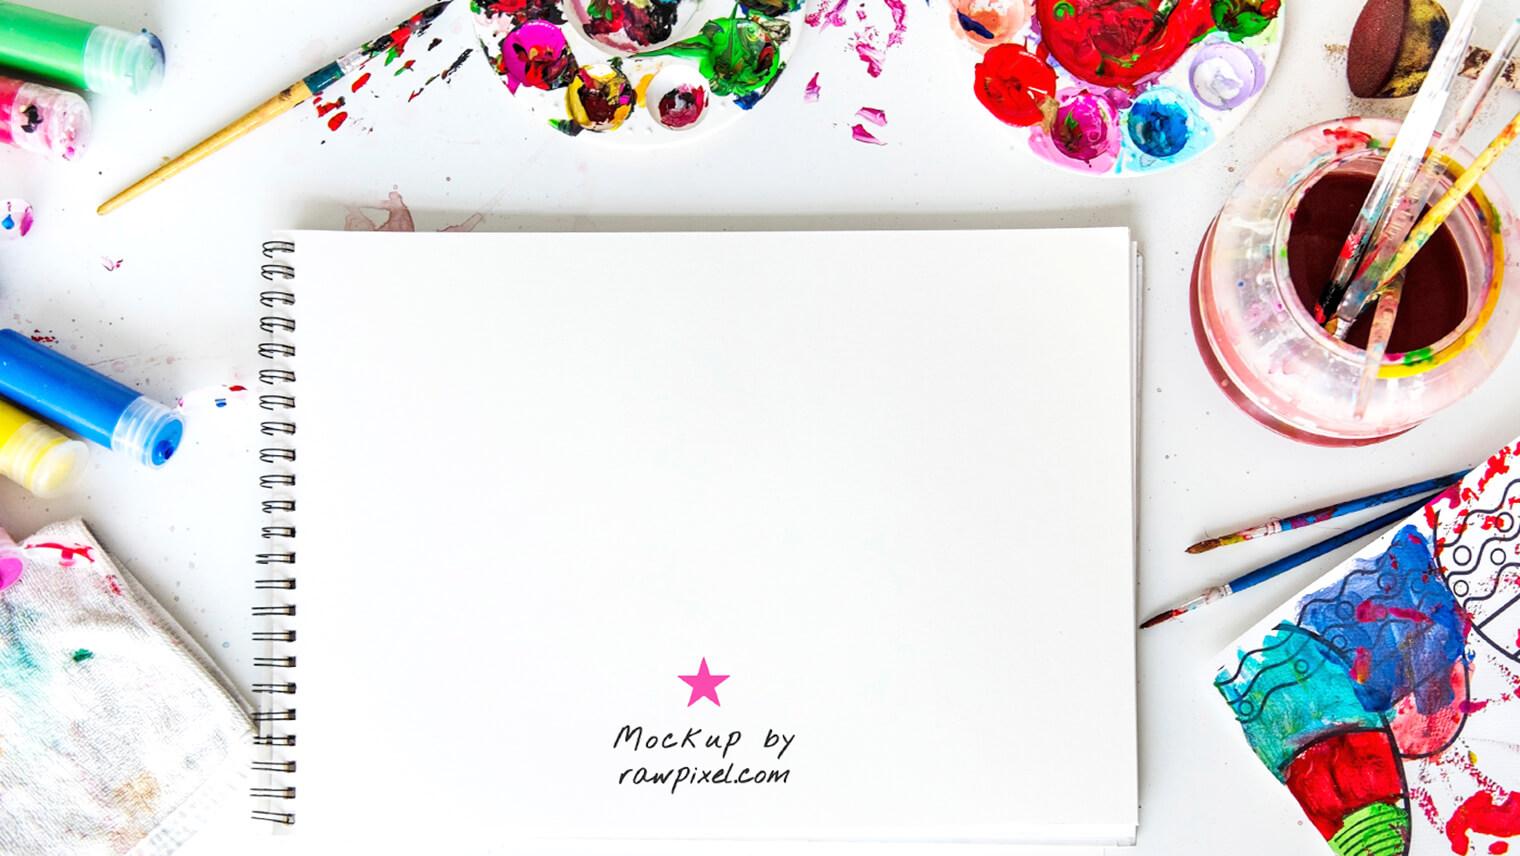 真ん中にノートを広げて周りには色鮮やかなペンや絵の具が転がっている画像